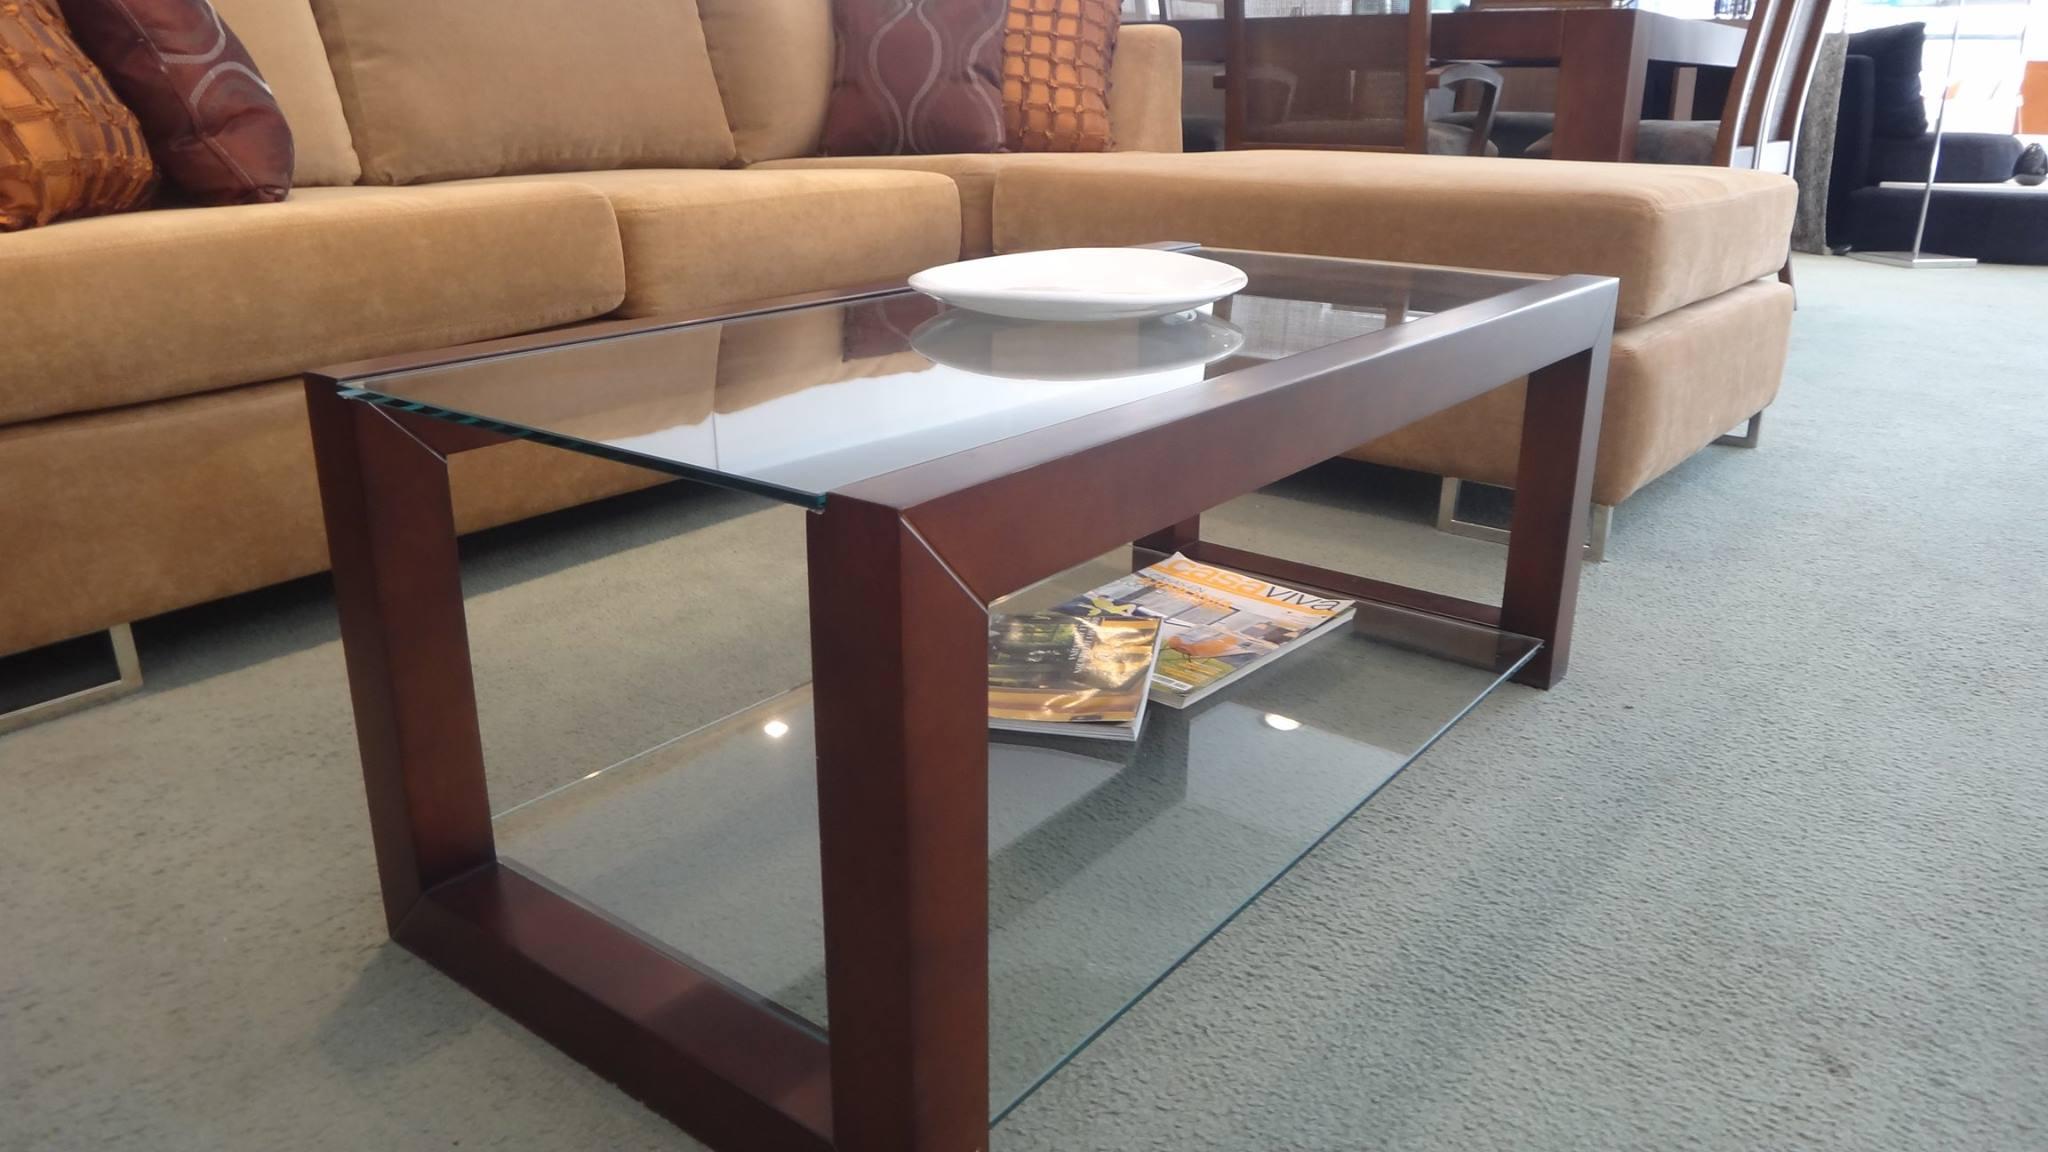 Mobiliario de calidad para interiores en Av. Belgrano – Sara Tienda ...